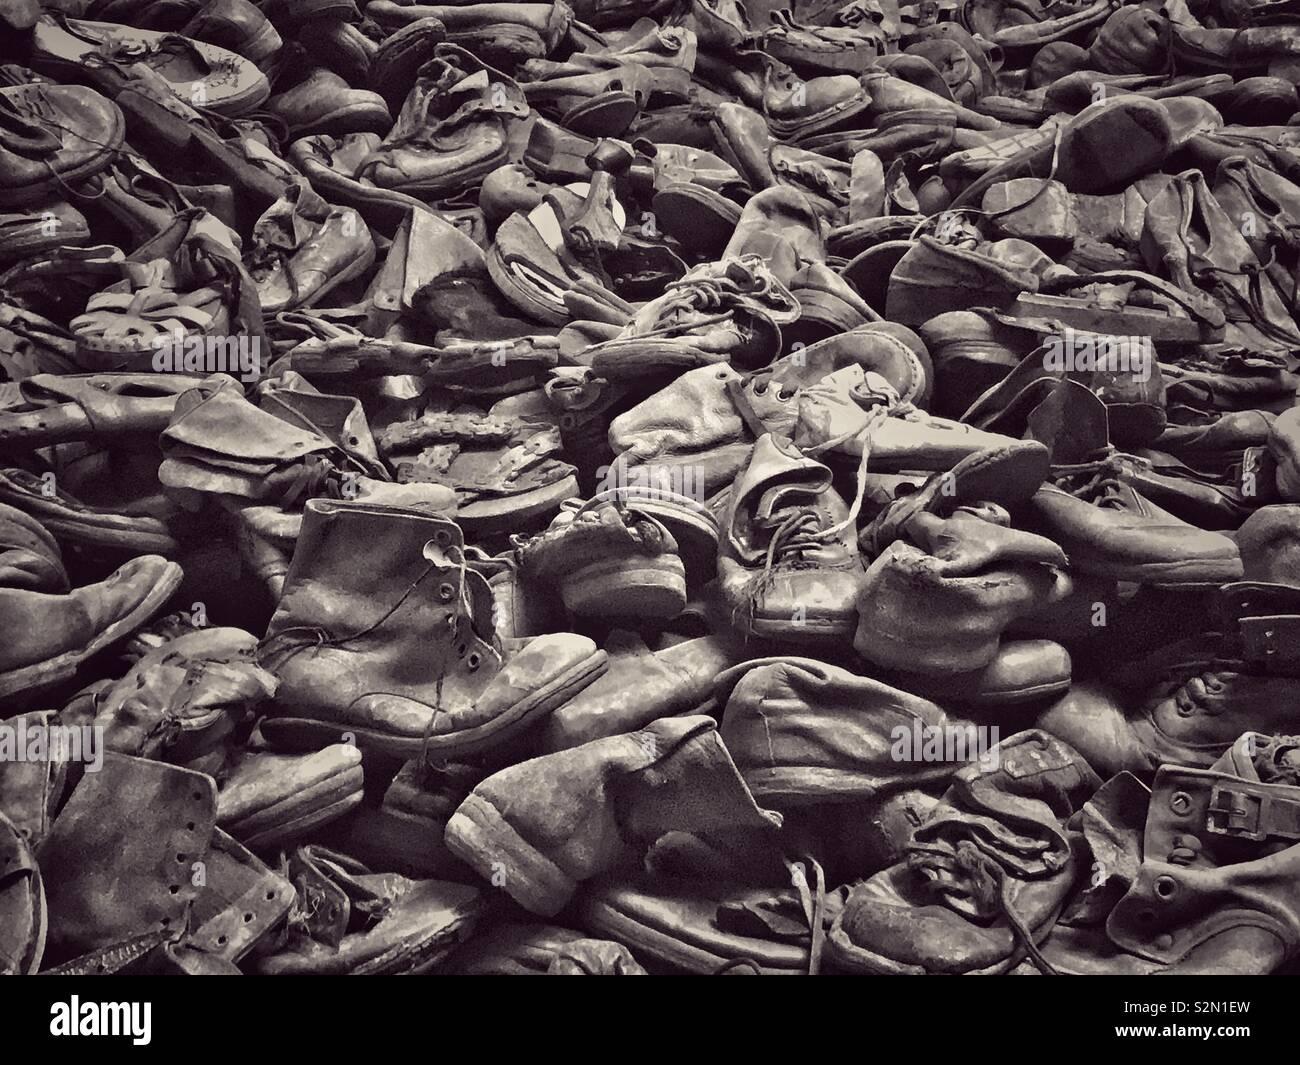 Une partie de l'énorme tas de chaussures et bottes qui ont été confisqués par les milliers de prisonniers par les nazis au camp de concentration d'Auschwitz à Oswiecim, Pologne. Le site est maintenant un musée mémorial. Banque D'Images